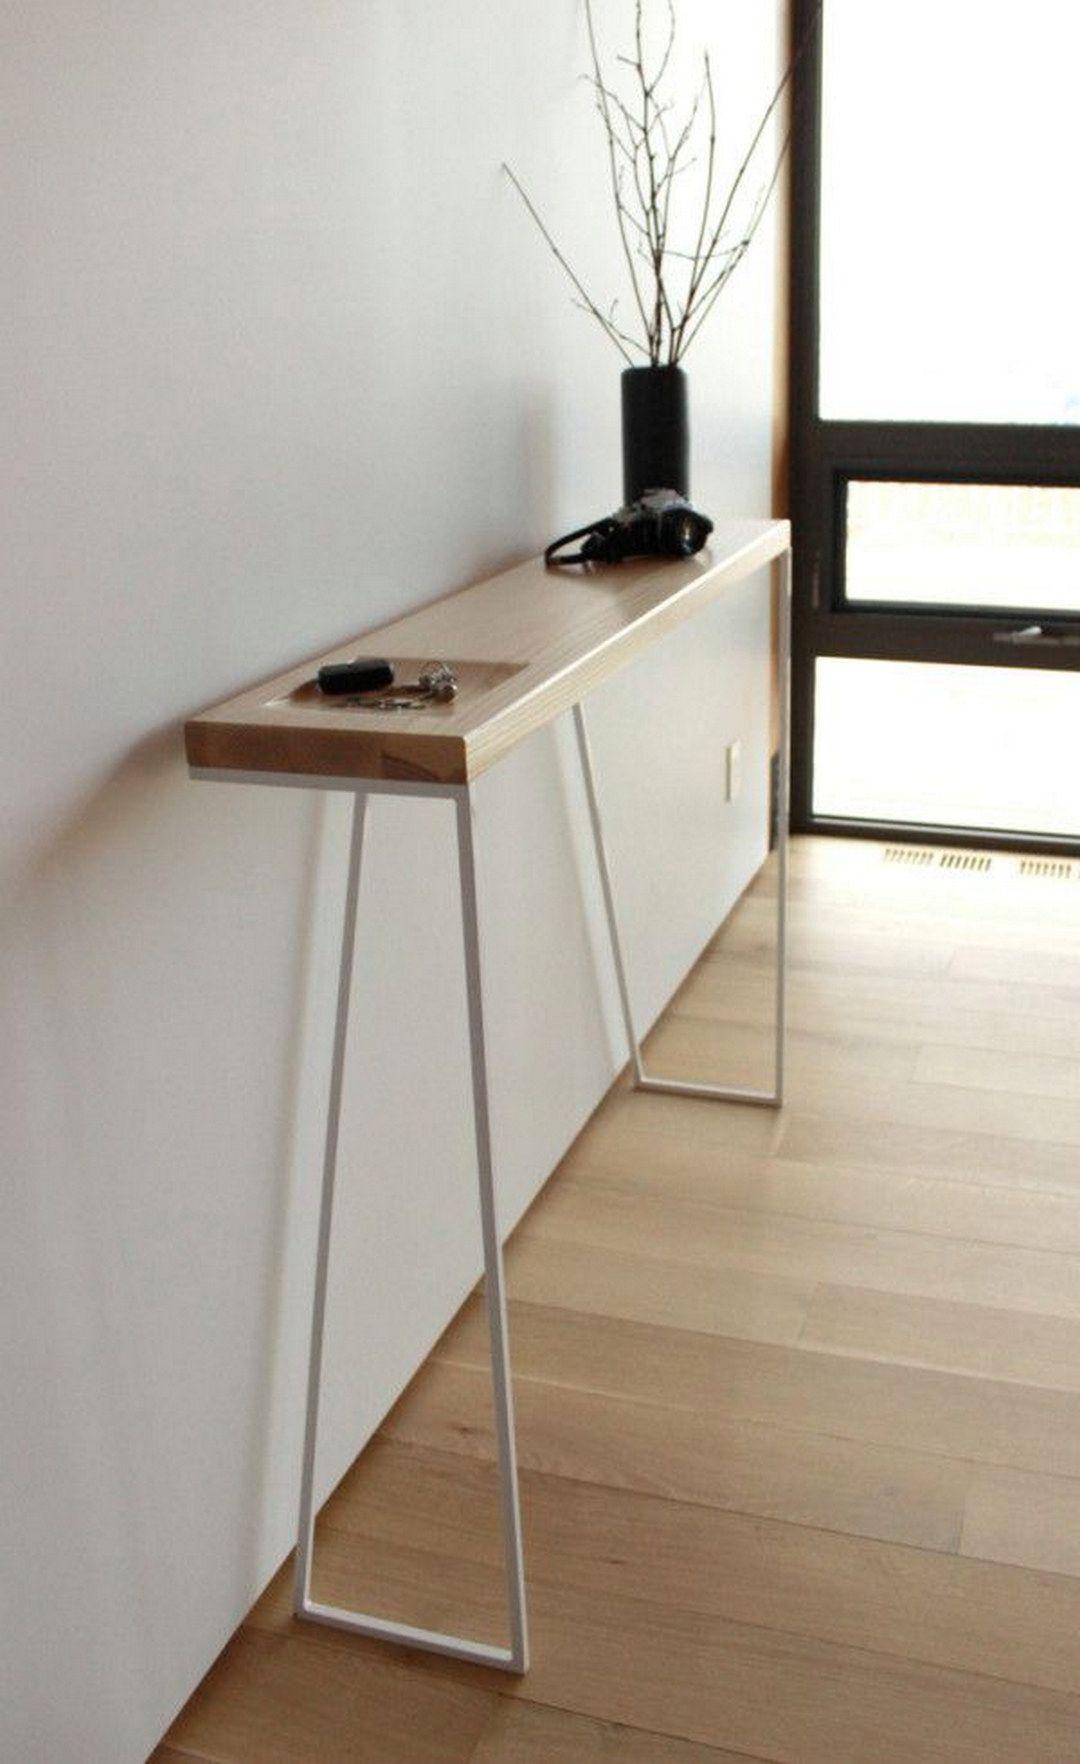 console entree decoration minimaliste fonctionnelle